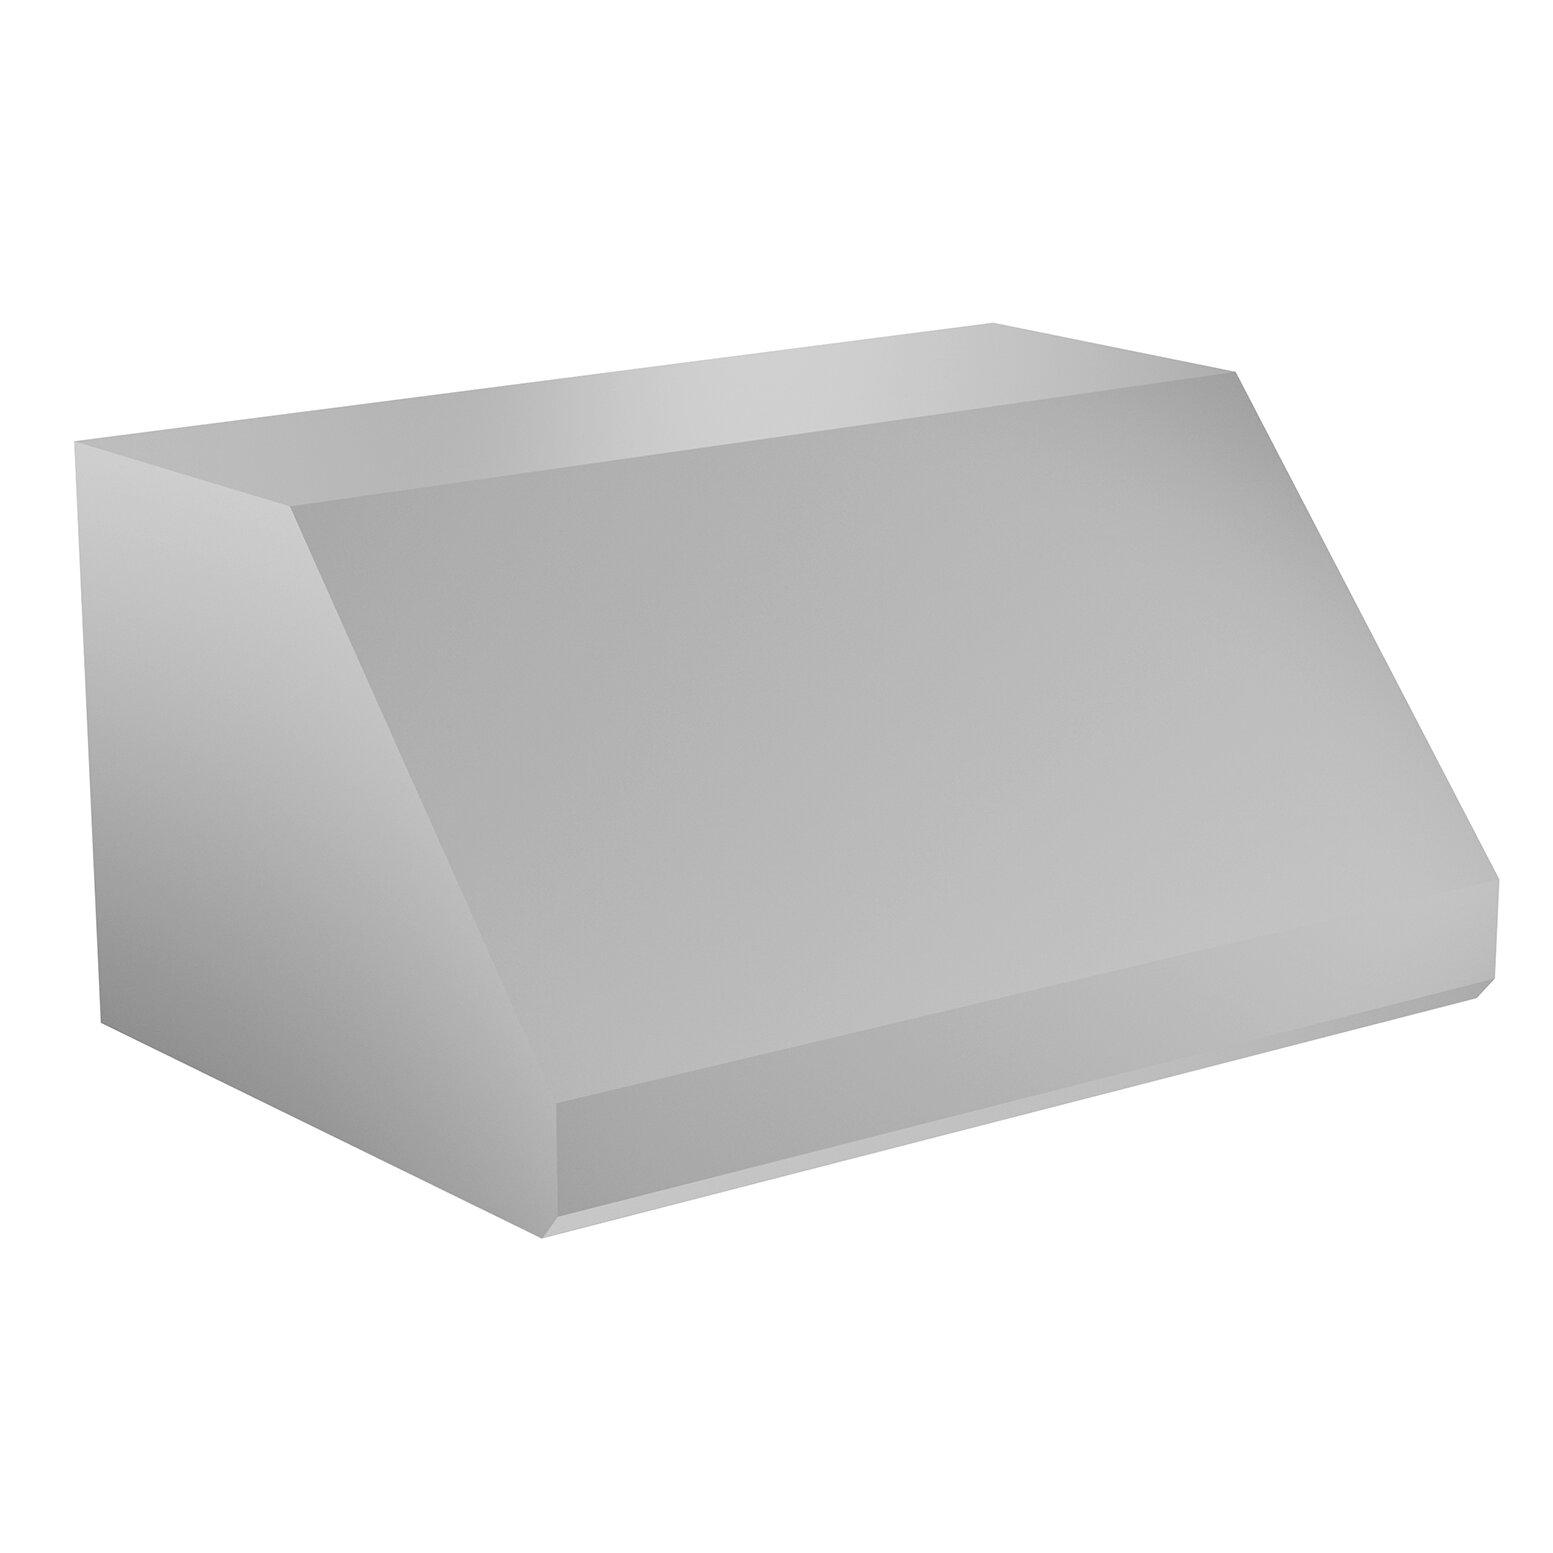 30 Under Cabinet Range Hood Zline 30 1200 Cfm Ducted Under Cabinet Range Hood Reviews Wayfair